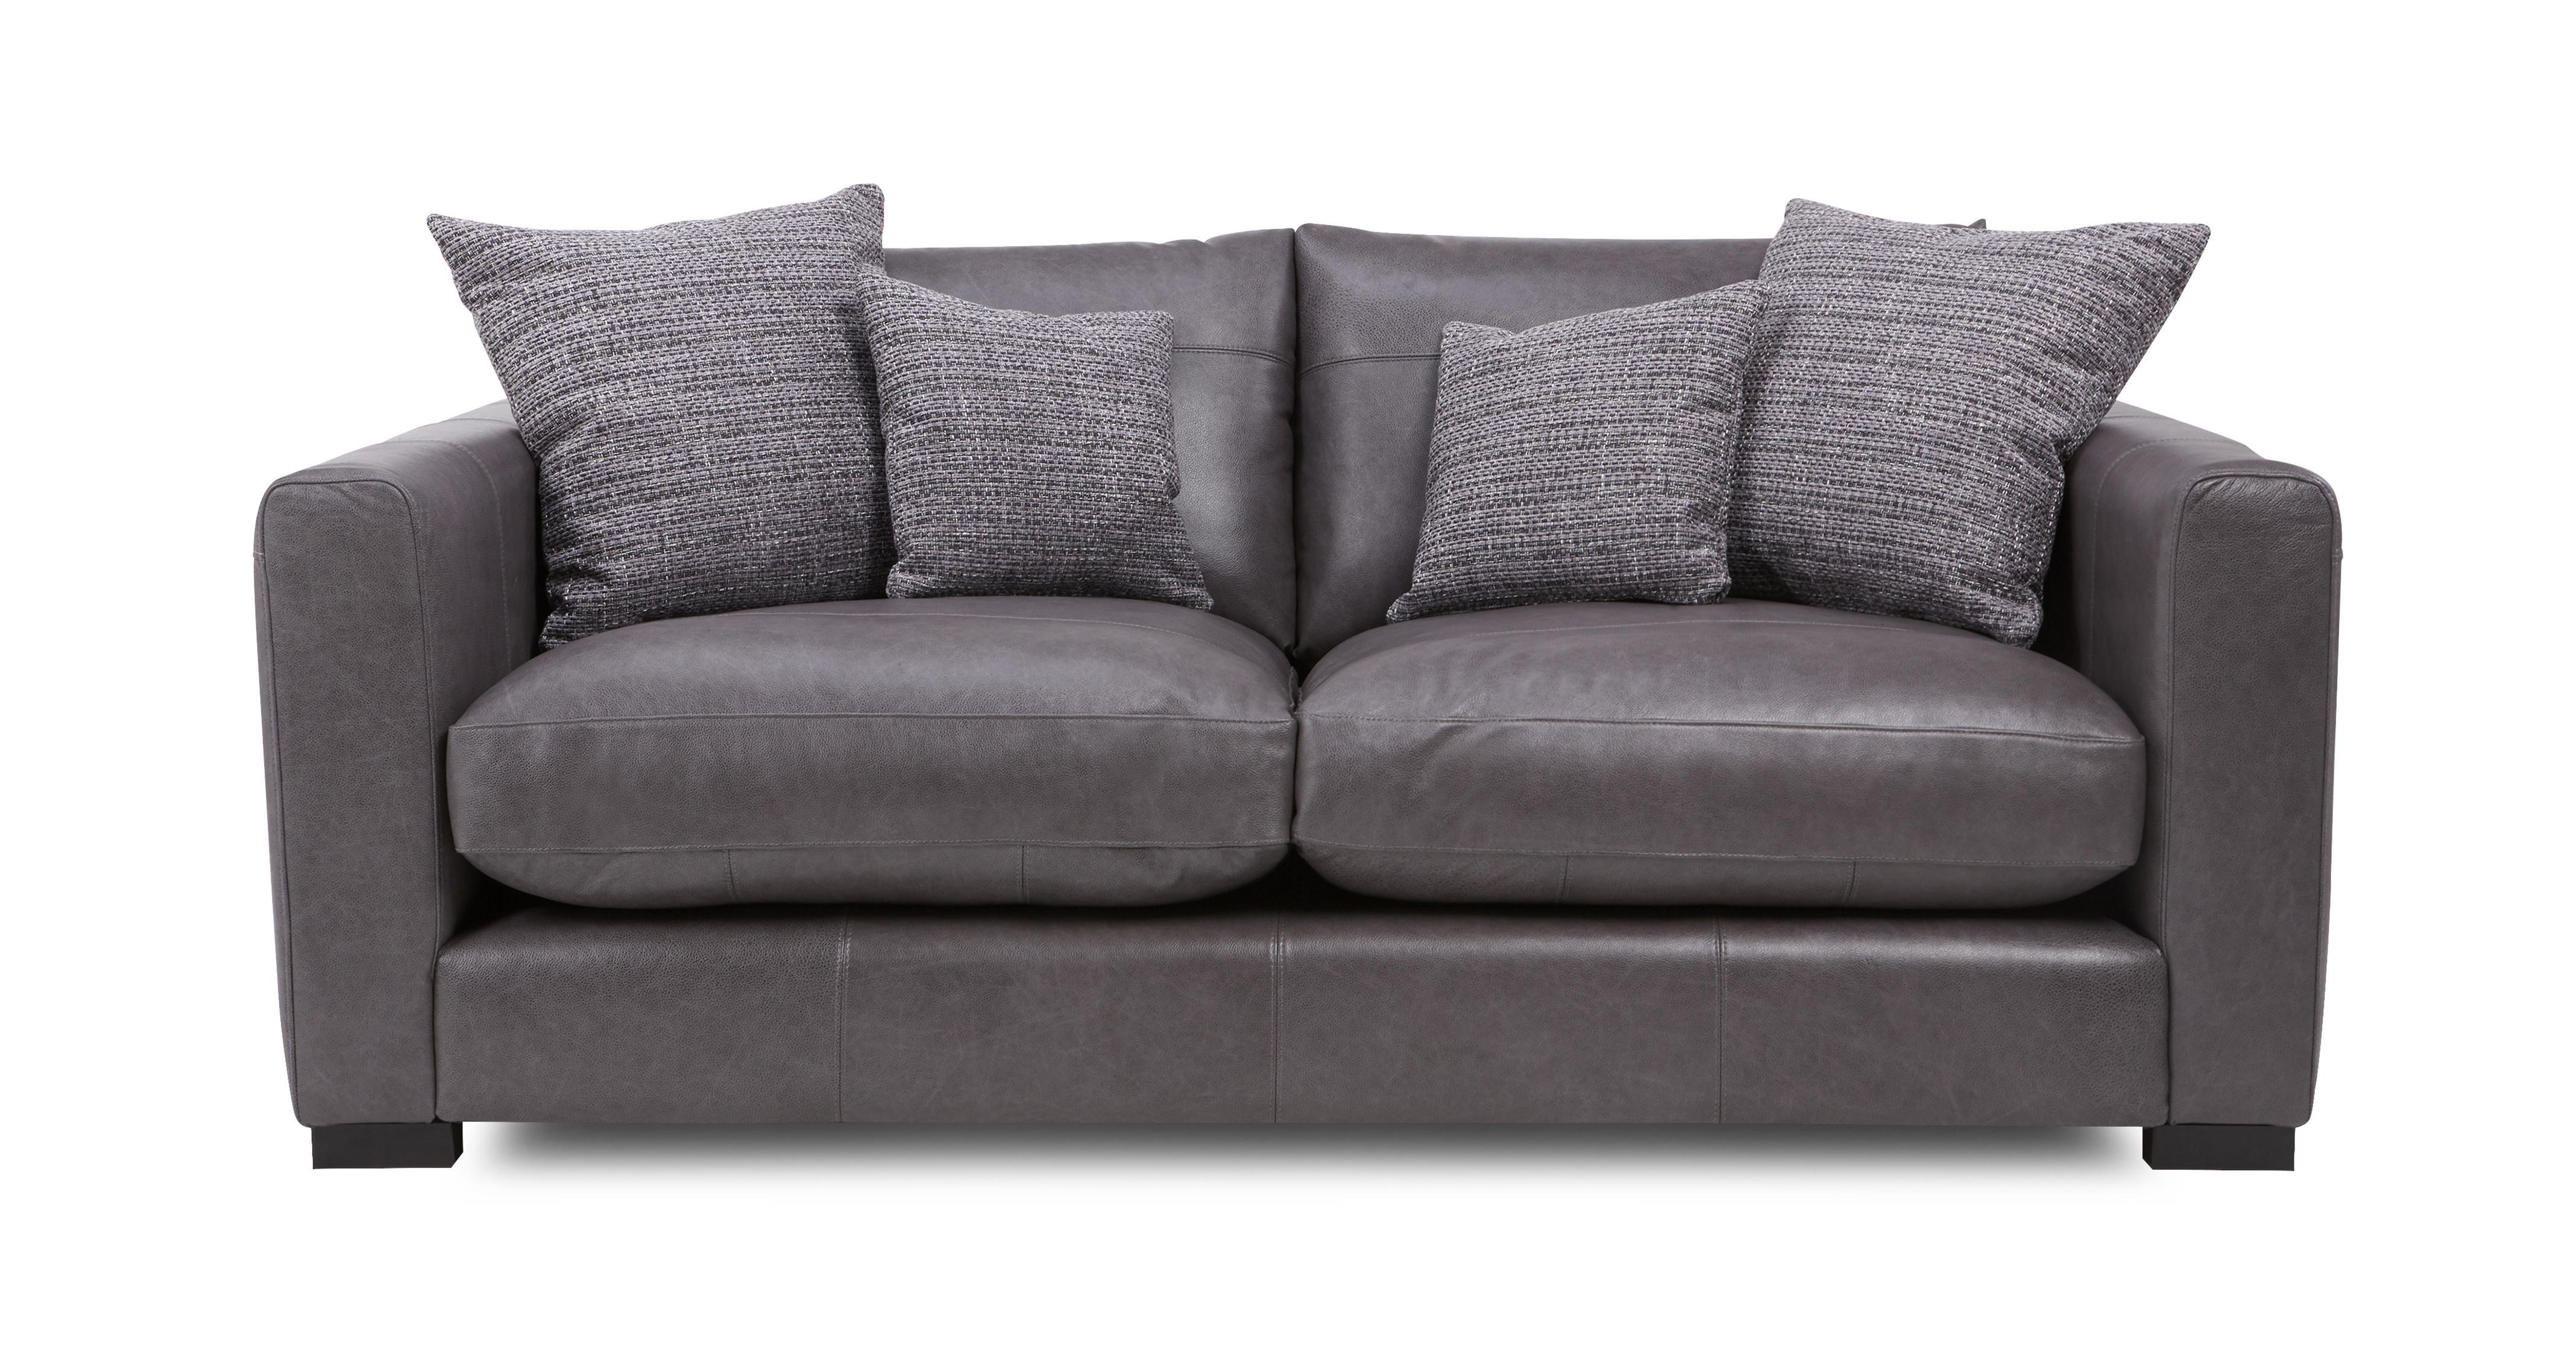 dillon leather kleine bank dfs banken. Black Bedroom Furniture Sets. Home Design Ideas